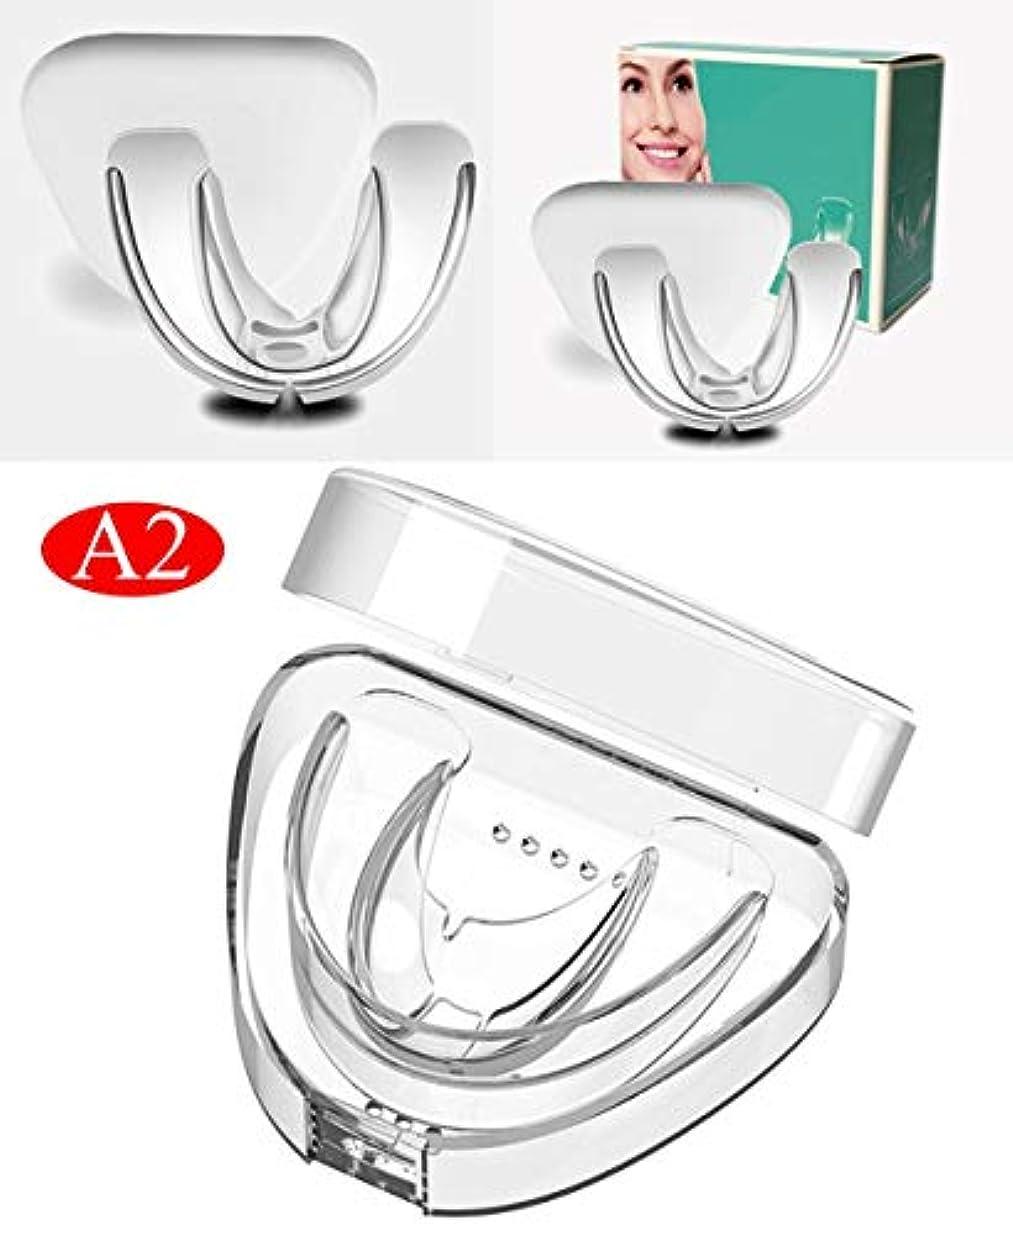 クランプピラミッドリングバック歯列矯正用リテーナー、透明歯列矯正用トレーナー歯用器具装具ブレースマウスピース大人用ツール(3段階はオプションです)